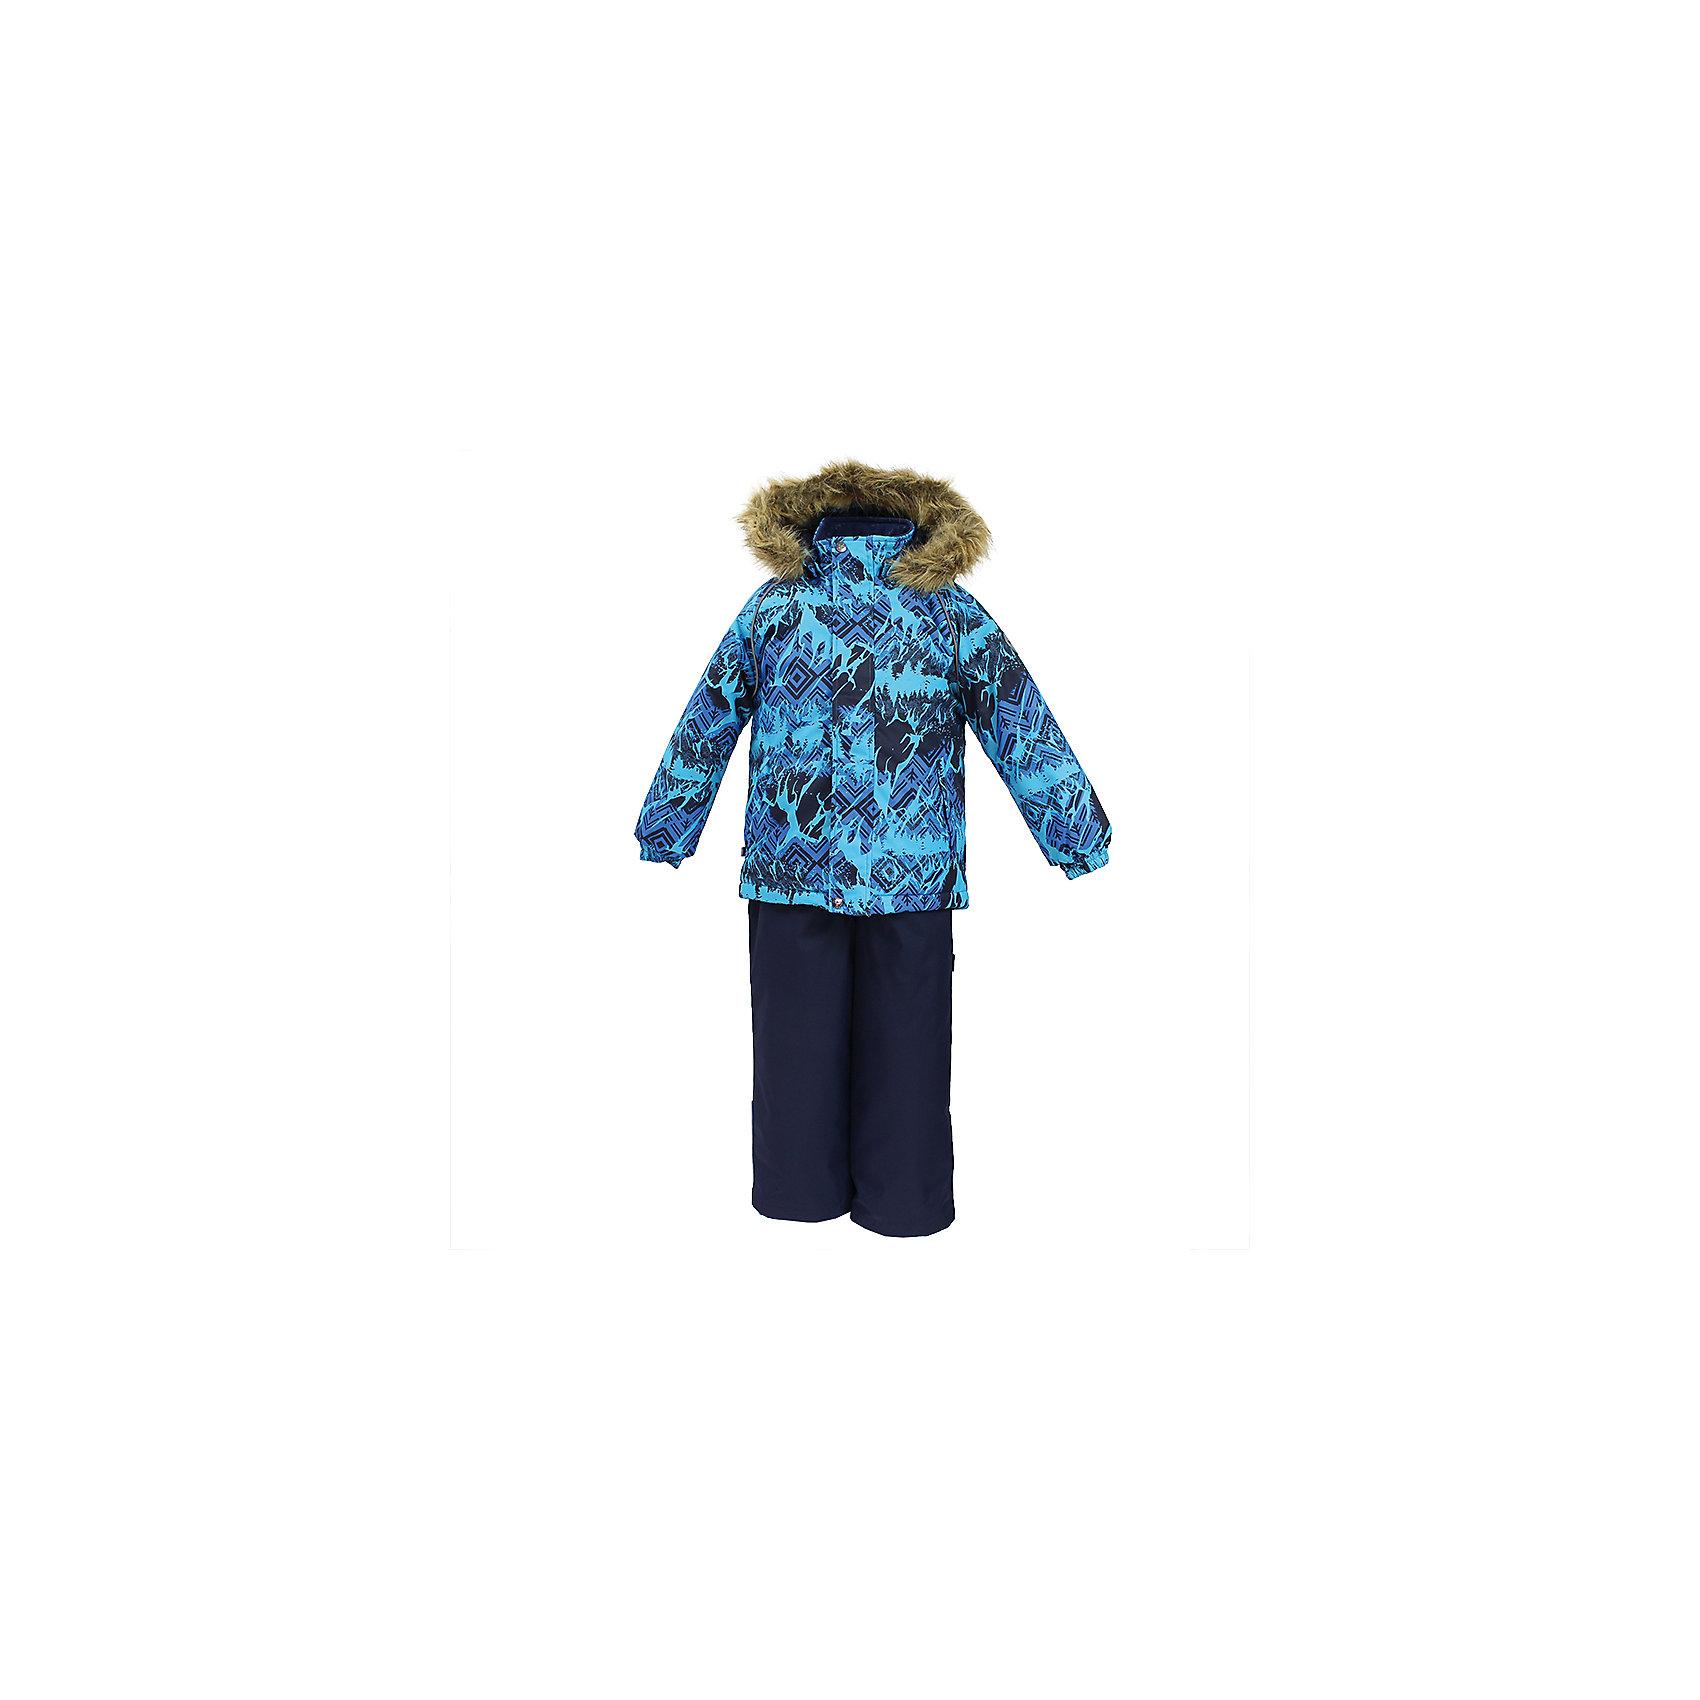 Комплект: куртка и брюки WINTER HuppaВерхняя одежда<br>Детский комплект WINTER .Водо и воздухонепроницаемость 10 000.Утеплитель 300 гр куртка / 160 гр брюки. Подкладка Тафта, флис 100% полиэстер. Швы проклеены. Отстегивающийся капюшон . Манжет рукавов на резинке. Внутренняя снегозащита брюк. Регулируемые низы. Резиновые подтяжки. Имеются светоотражательные детали. <br>Состав:<br>100% Полиэстер<br><br>Ширина мм: 356<br>Глубина мм: 10<br>Высота мм: 245<br>Вес г: 519<br>Цвет: синий<br>Возраст от месяцев: 108<br>Возраст до месяцев: 120<br>Пол: Унисекс<br>Возраст: Детский<br>Размер: 140,92,98,104,110,116,122,128,134<br>SKU: 7027178